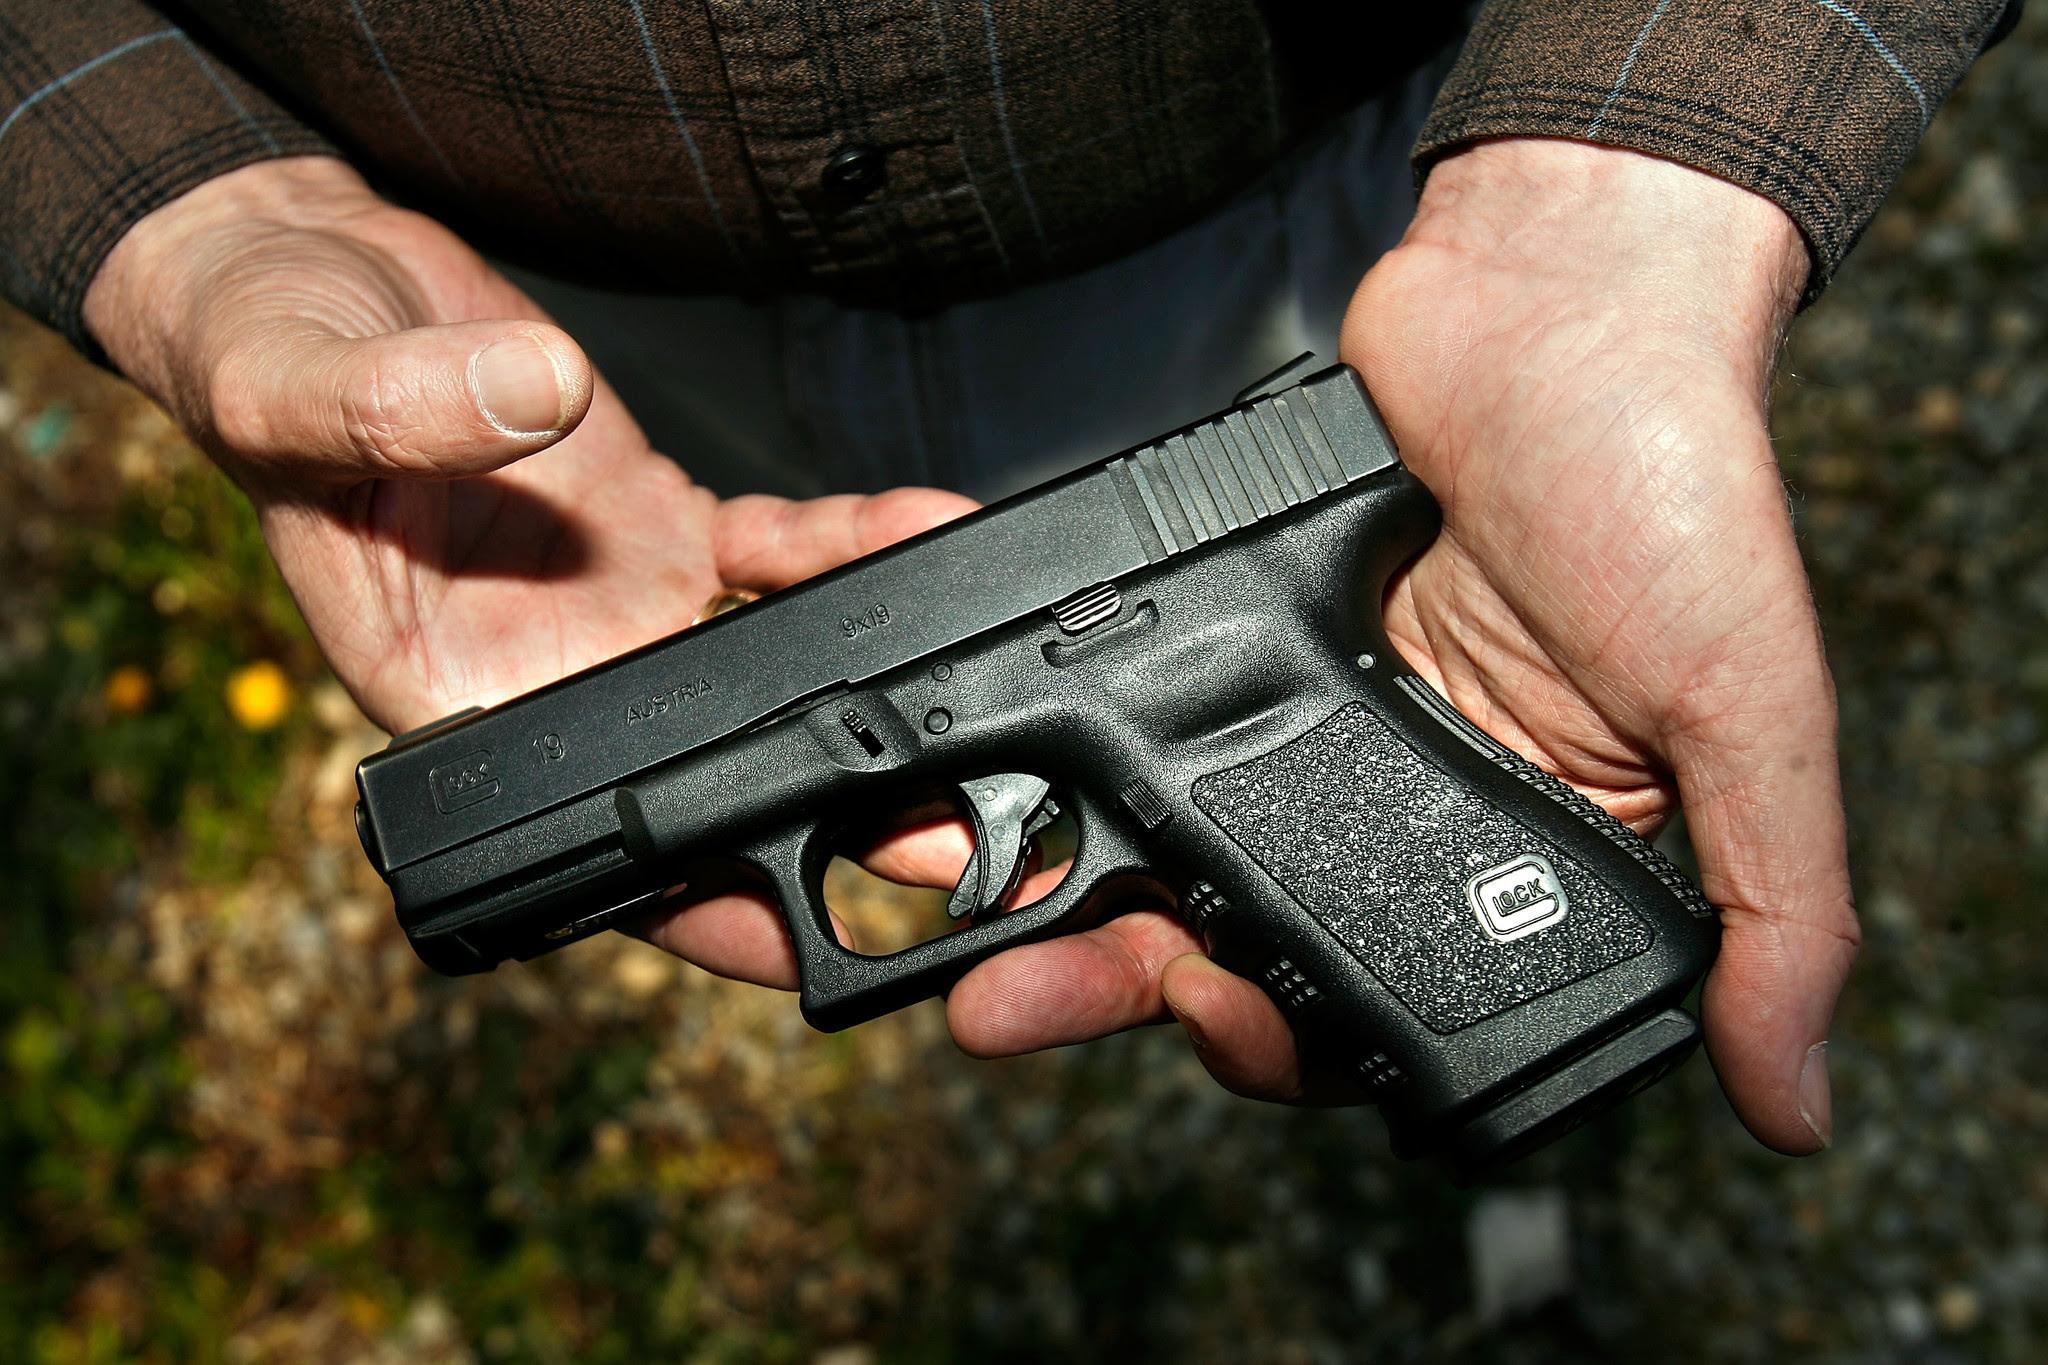 Smart gun technology should be embraced, not feared ...